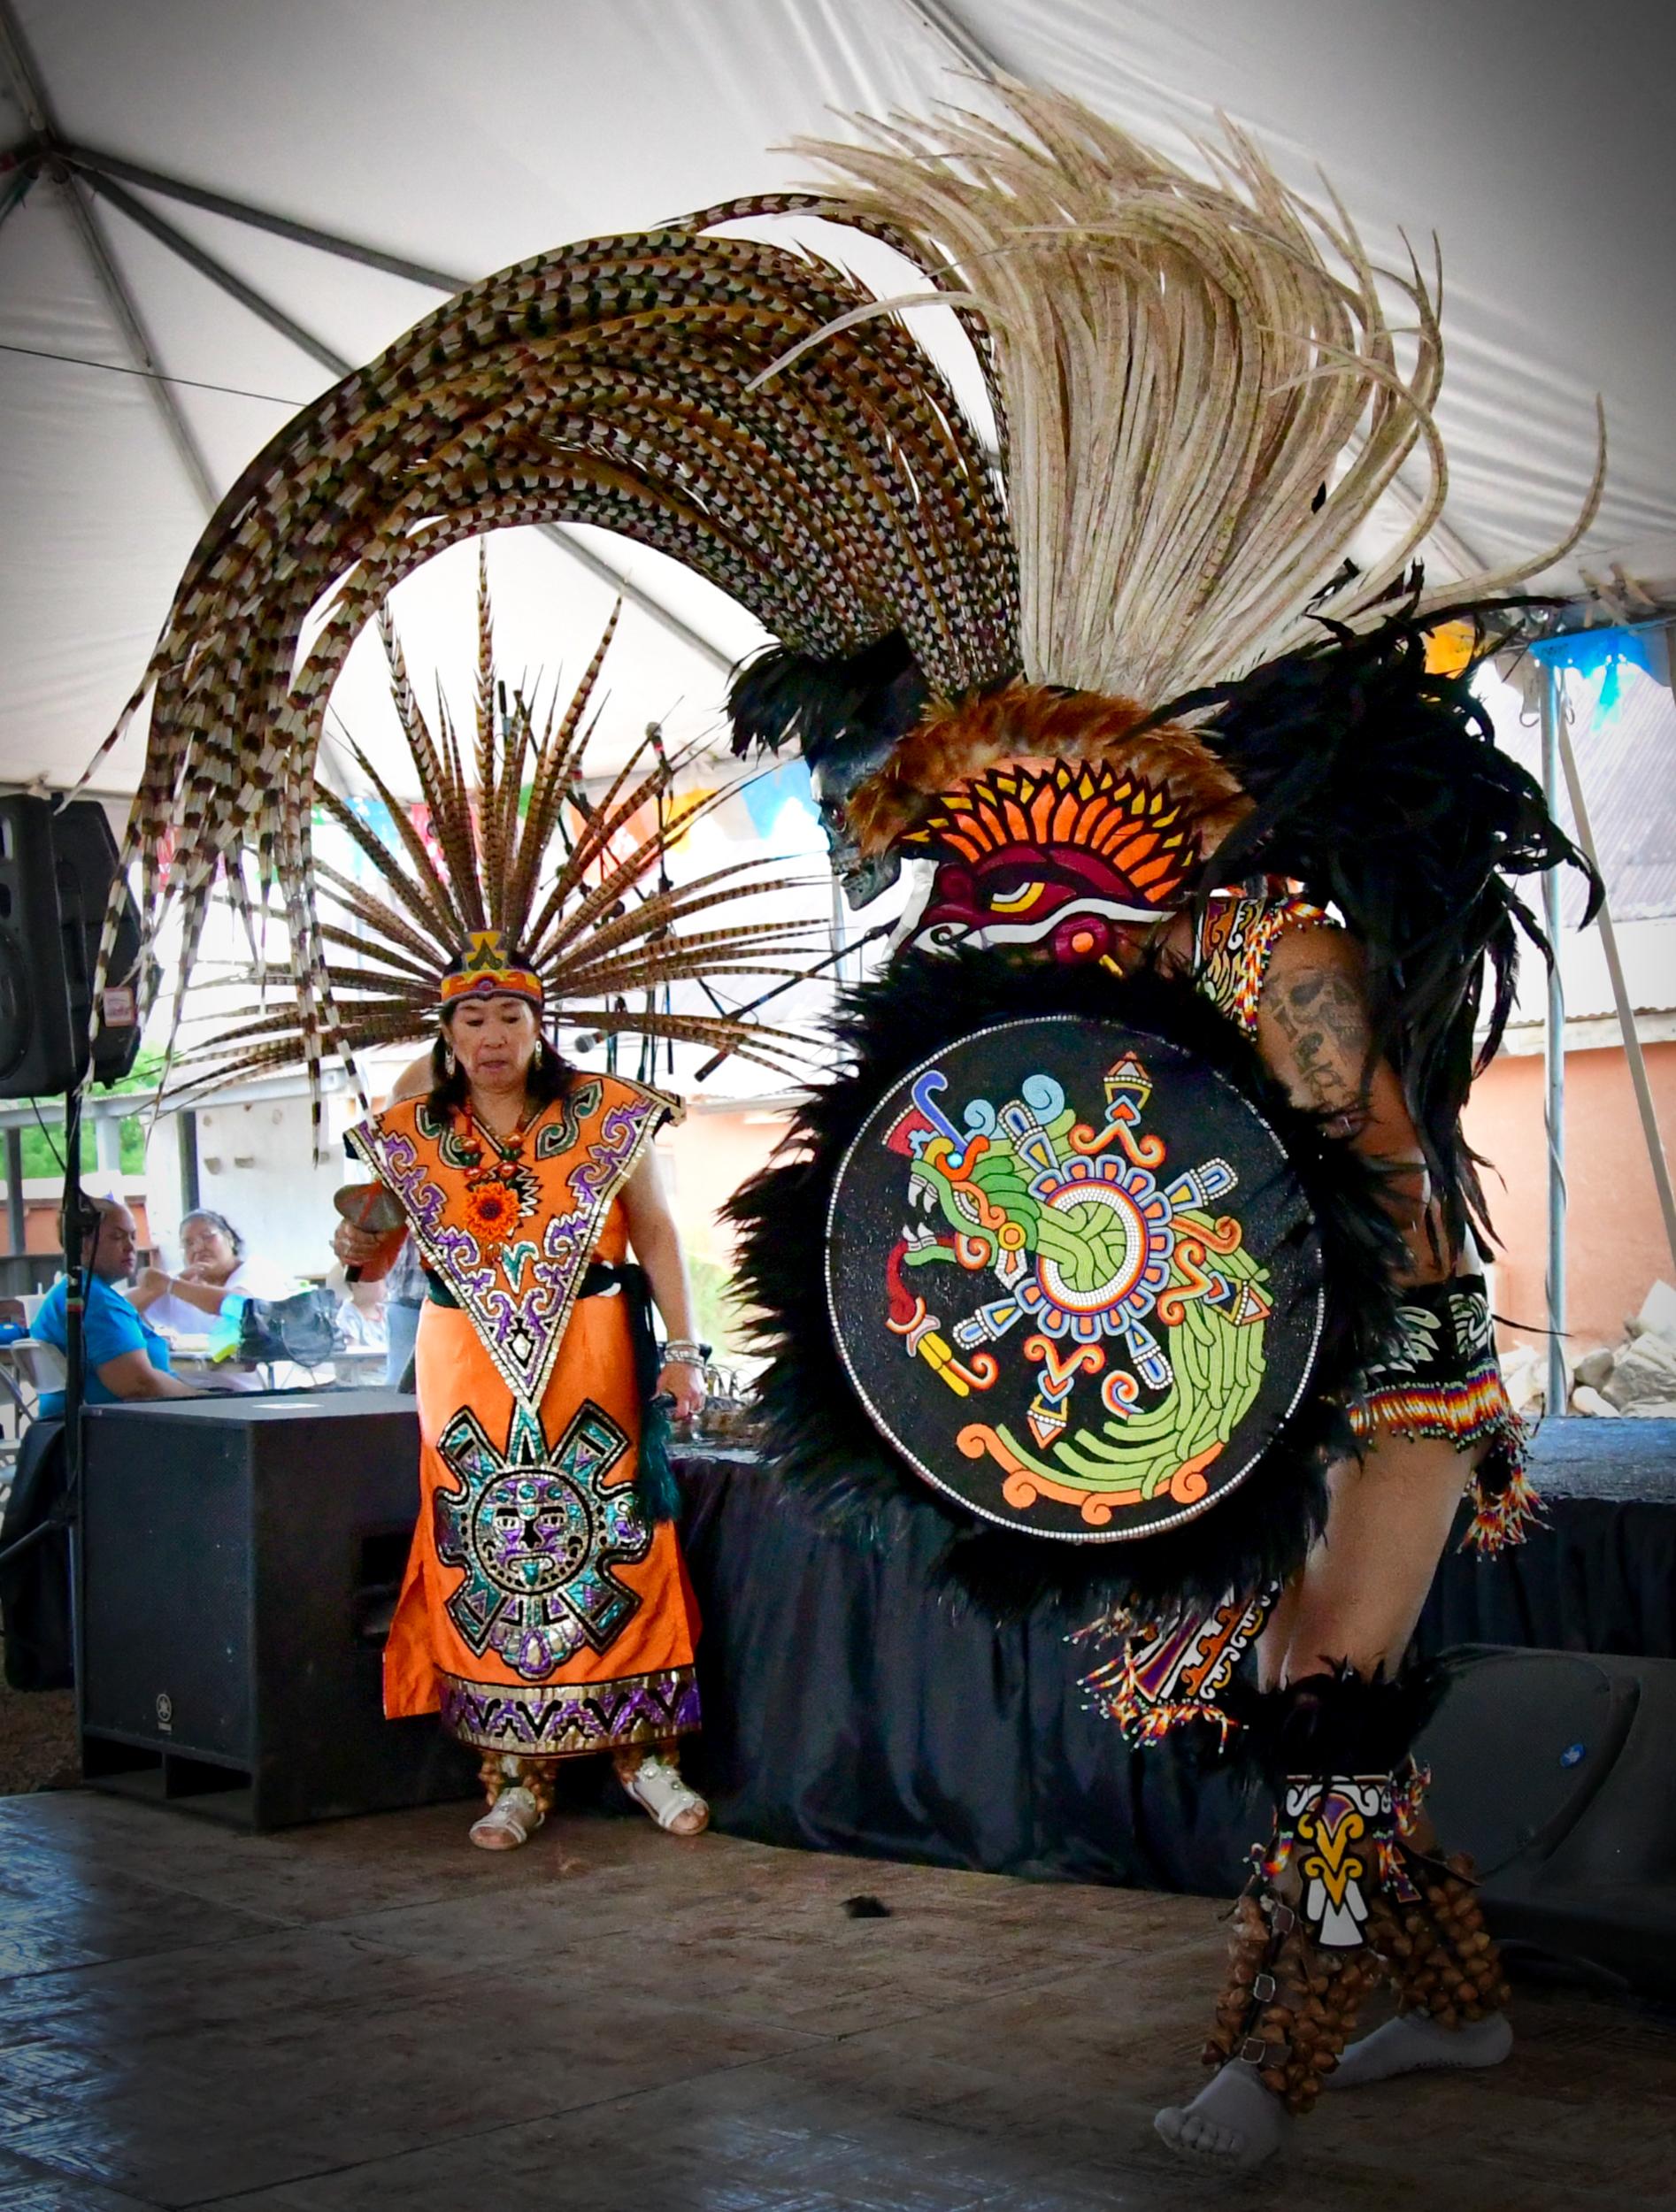 Quetzal Coatl Esplendora Asteca de Mexico (Aztec Dancers)